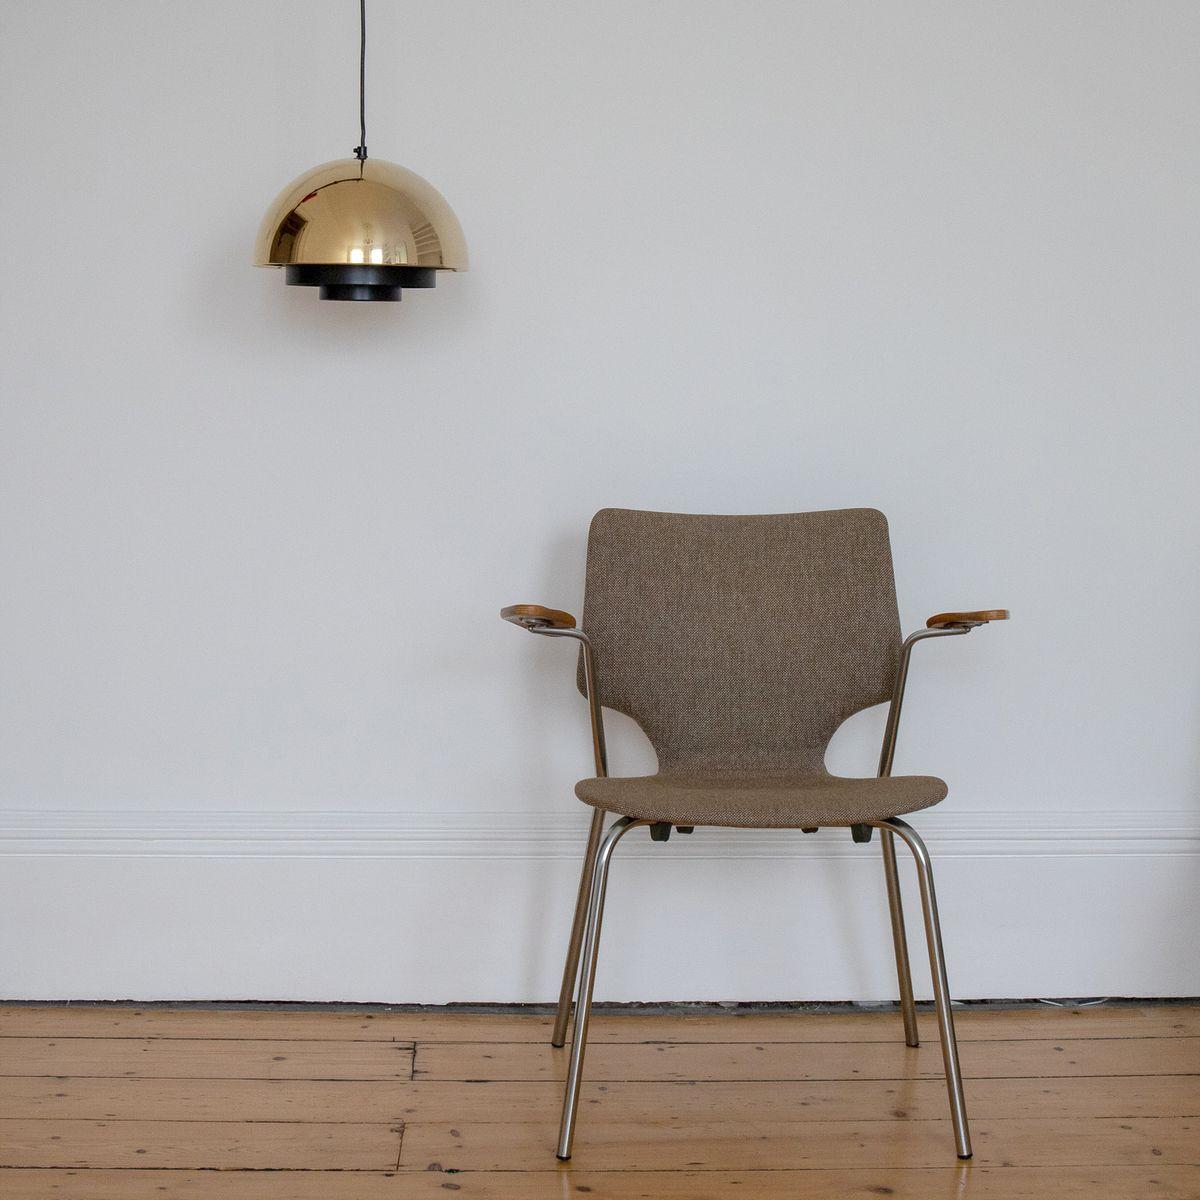 Verzauberkunst Karat Möbel Foto Von 24-karat Vergoldete Deckenlampe Aus Milieu Golden Serie